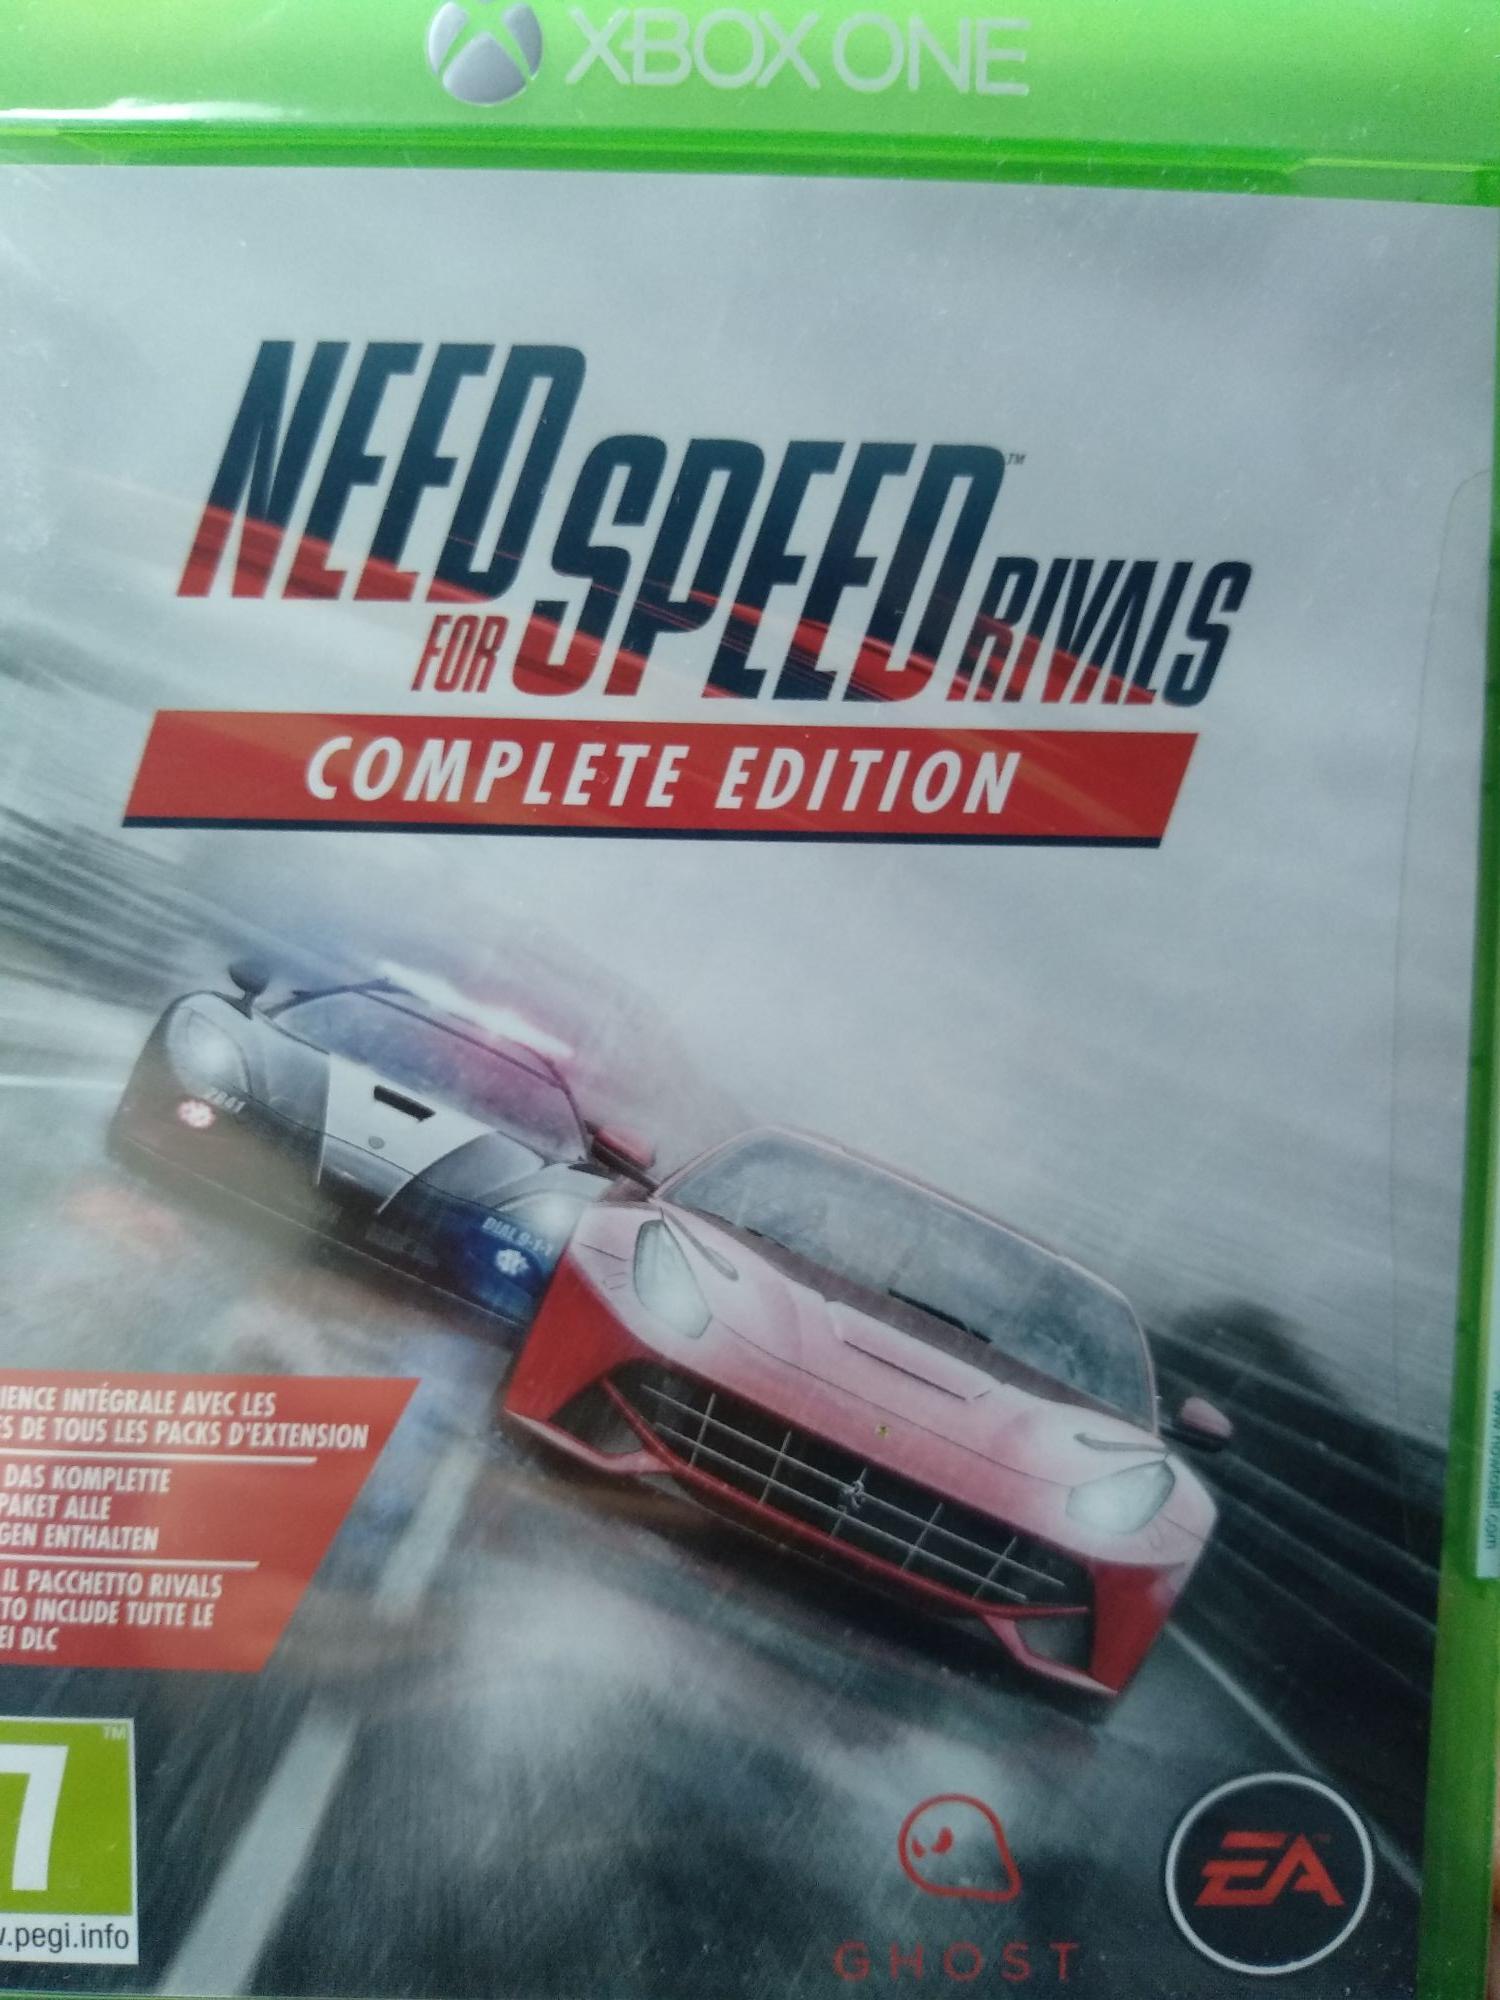 Sélection de jeux vidéo en promotion - Ex : Need for Speed: Rivals - Édition Complete - Chambly (60)